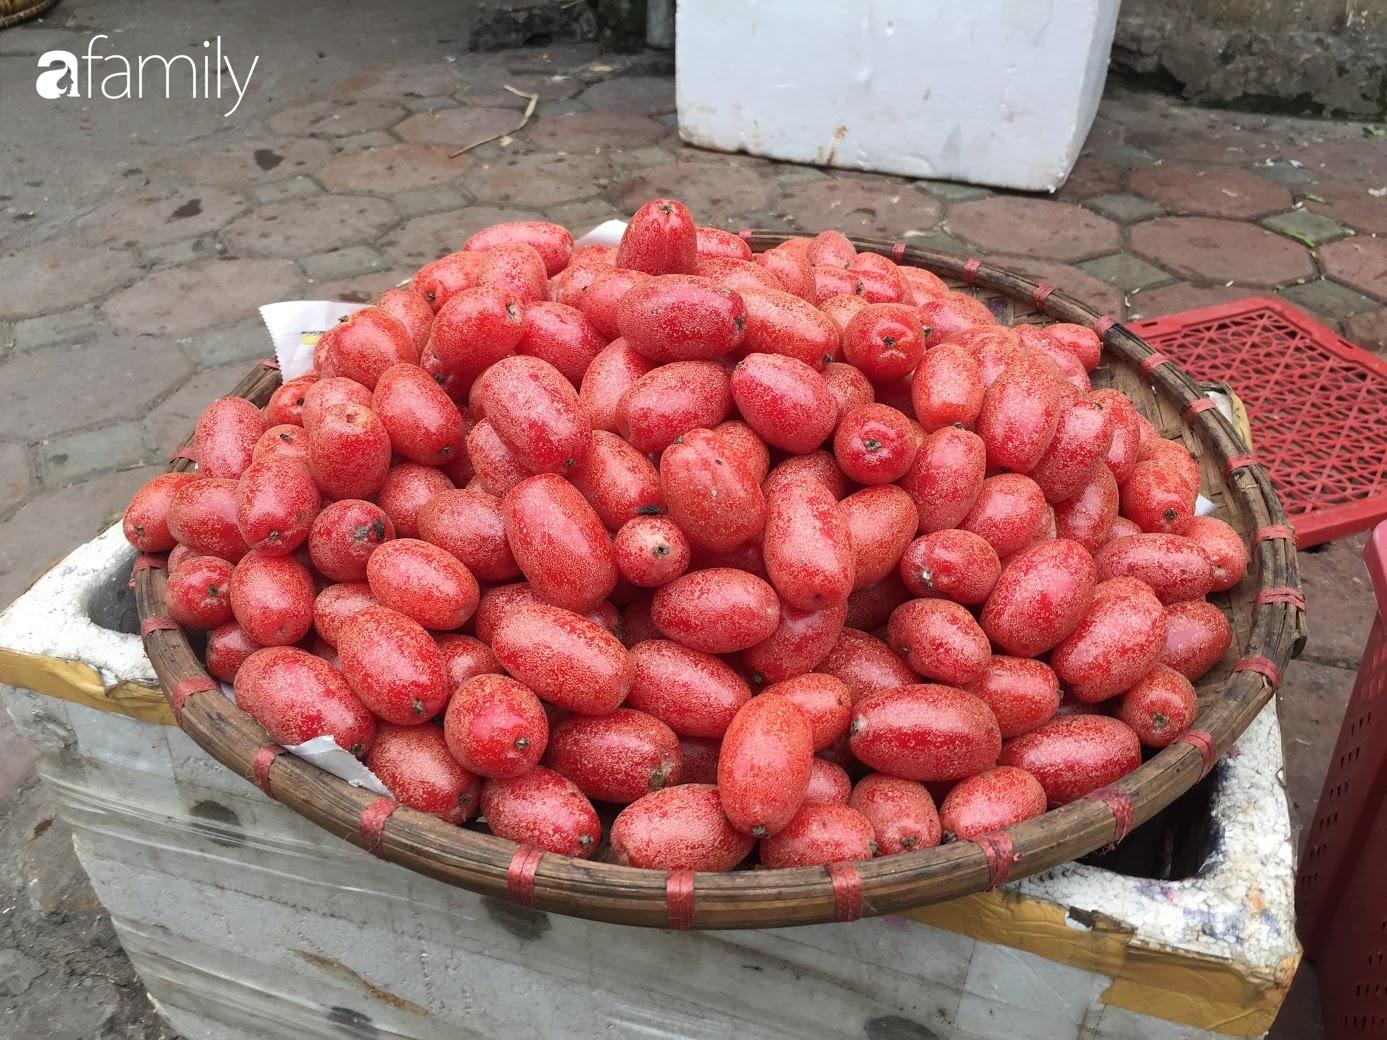 Nhót ngọt chín đầy đường, giá 60.000 đồng/kg thu hút giới ăn vặt Hà thành - Ảnh 5.